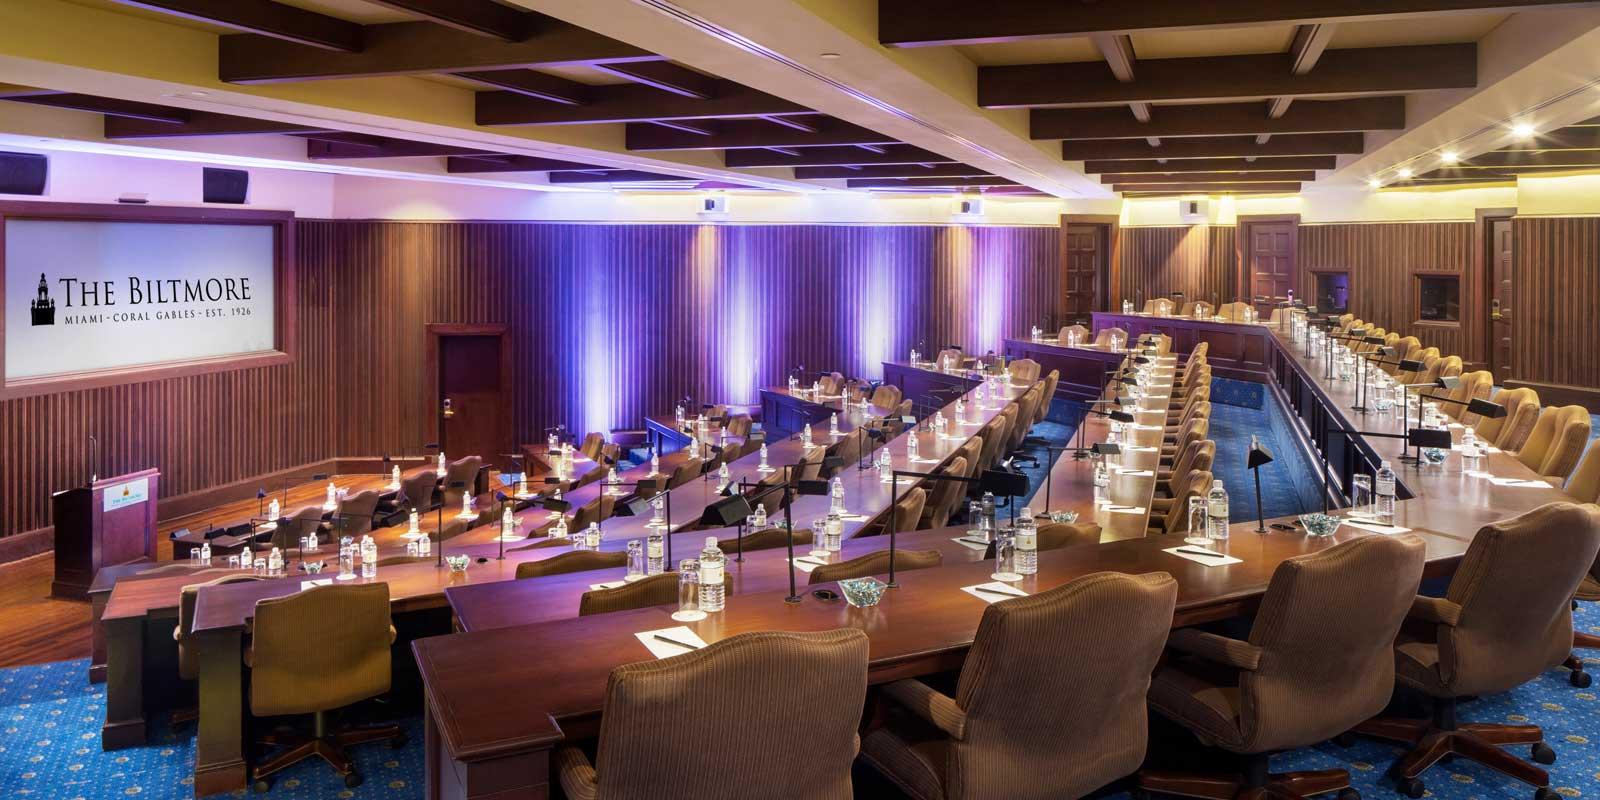 Presidential meeting spaces